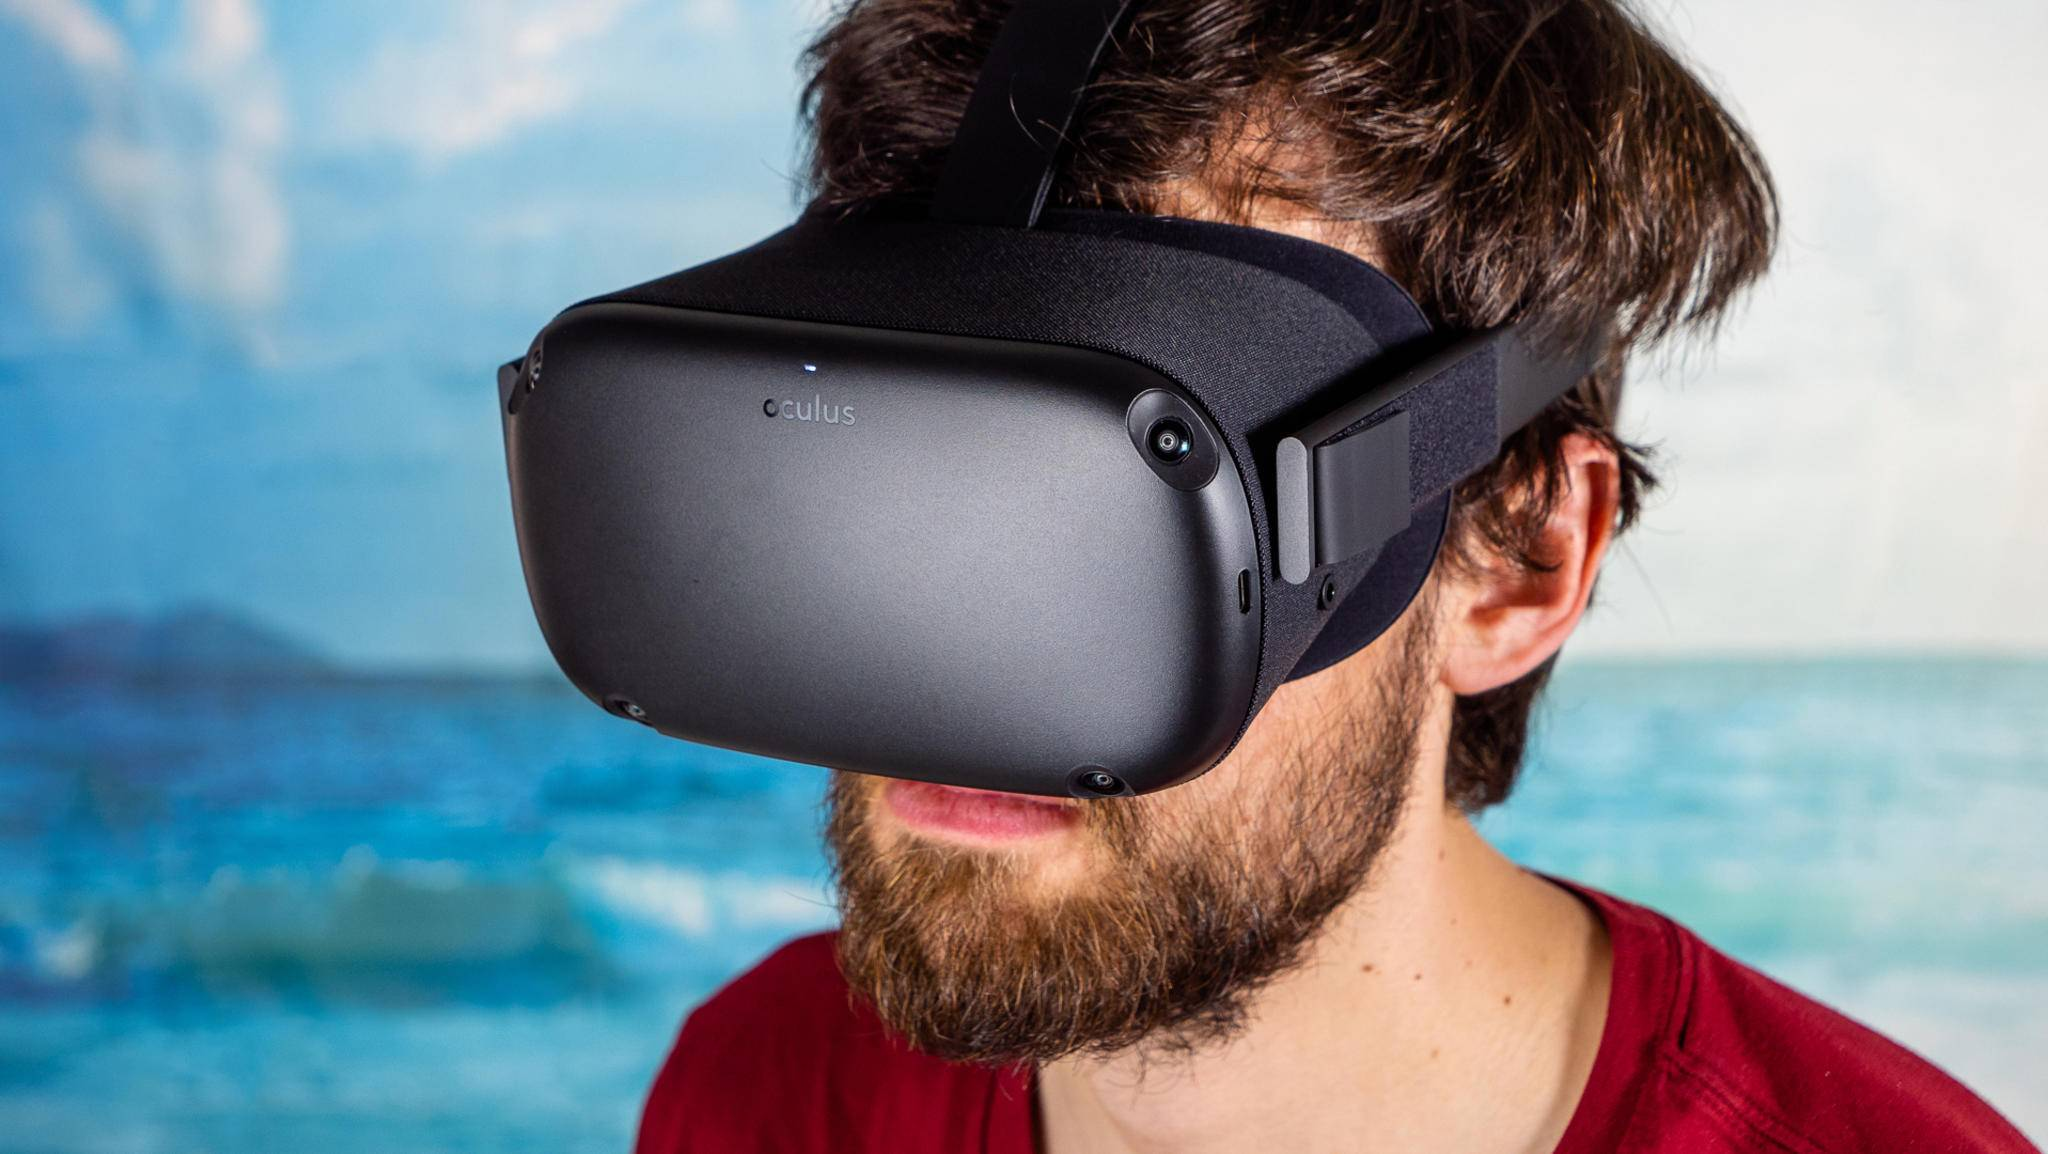 Datenkrake Facebook? Die Tochterfirma Oculus stoppt den Geräteverkauf in Deutschland.